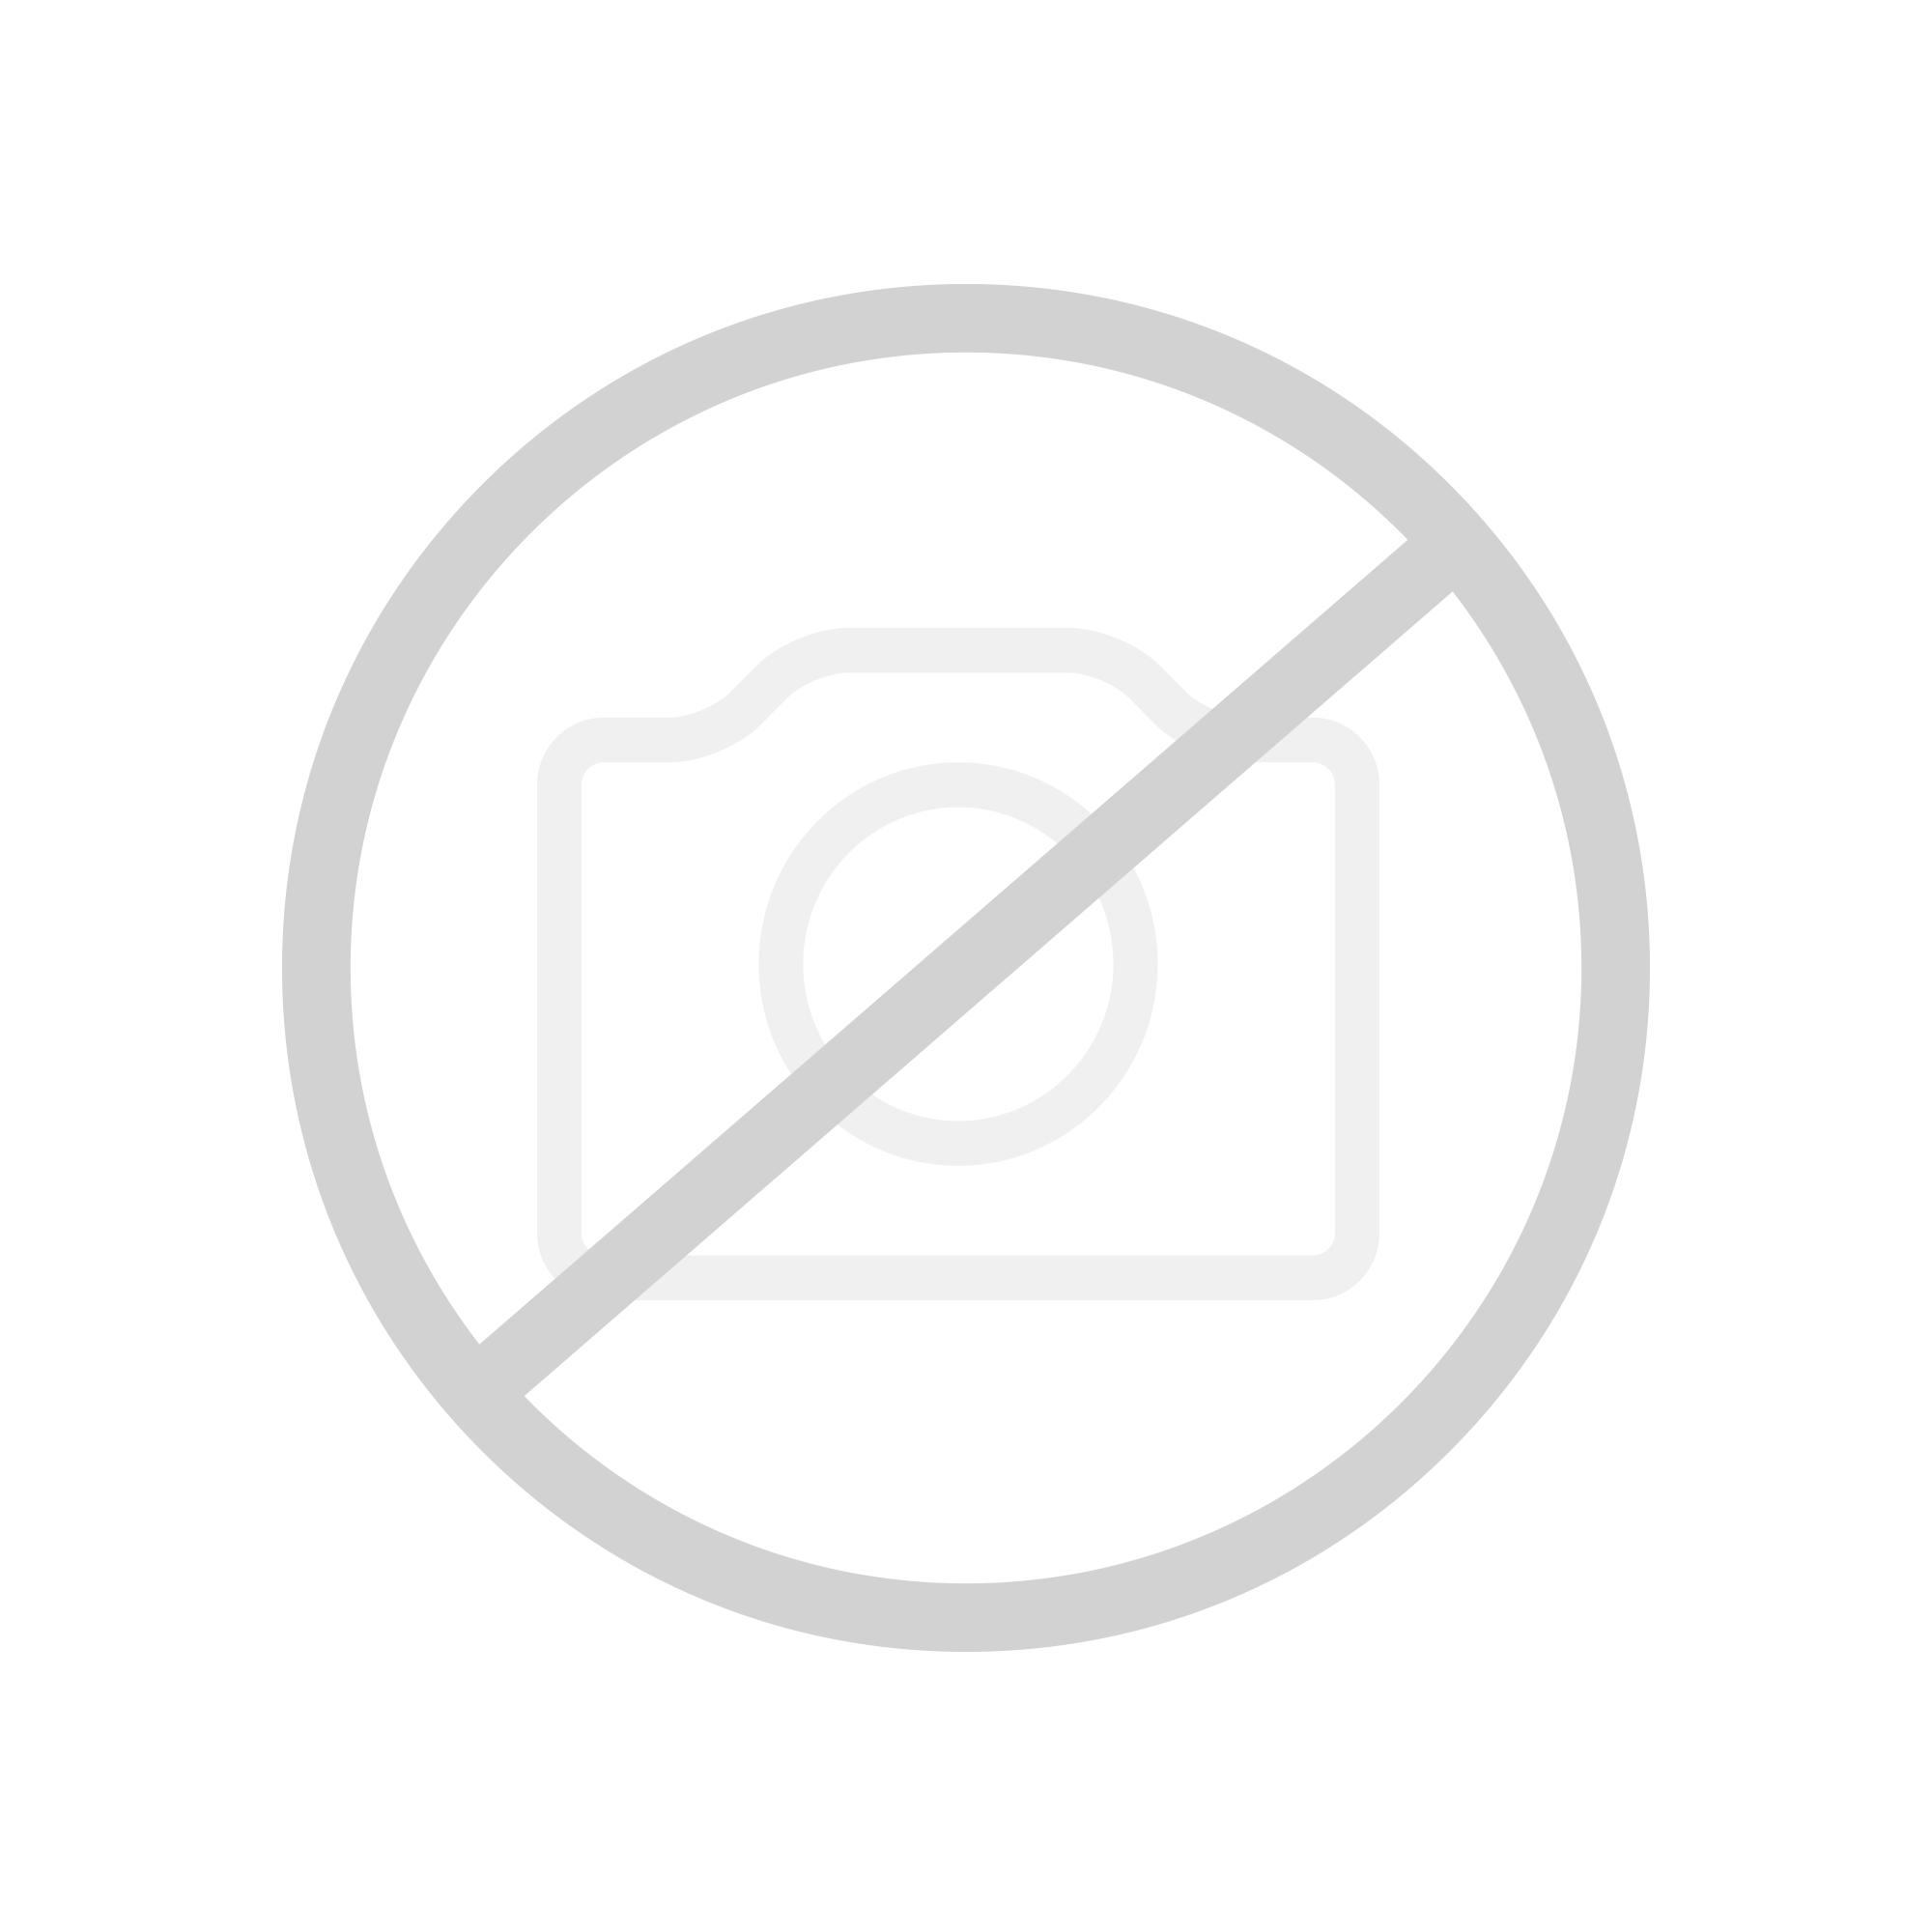 Victoria + Albert Universaler Ablauf mit Klappverschluss für Badewannen OHNE Überlauf chrom poliert